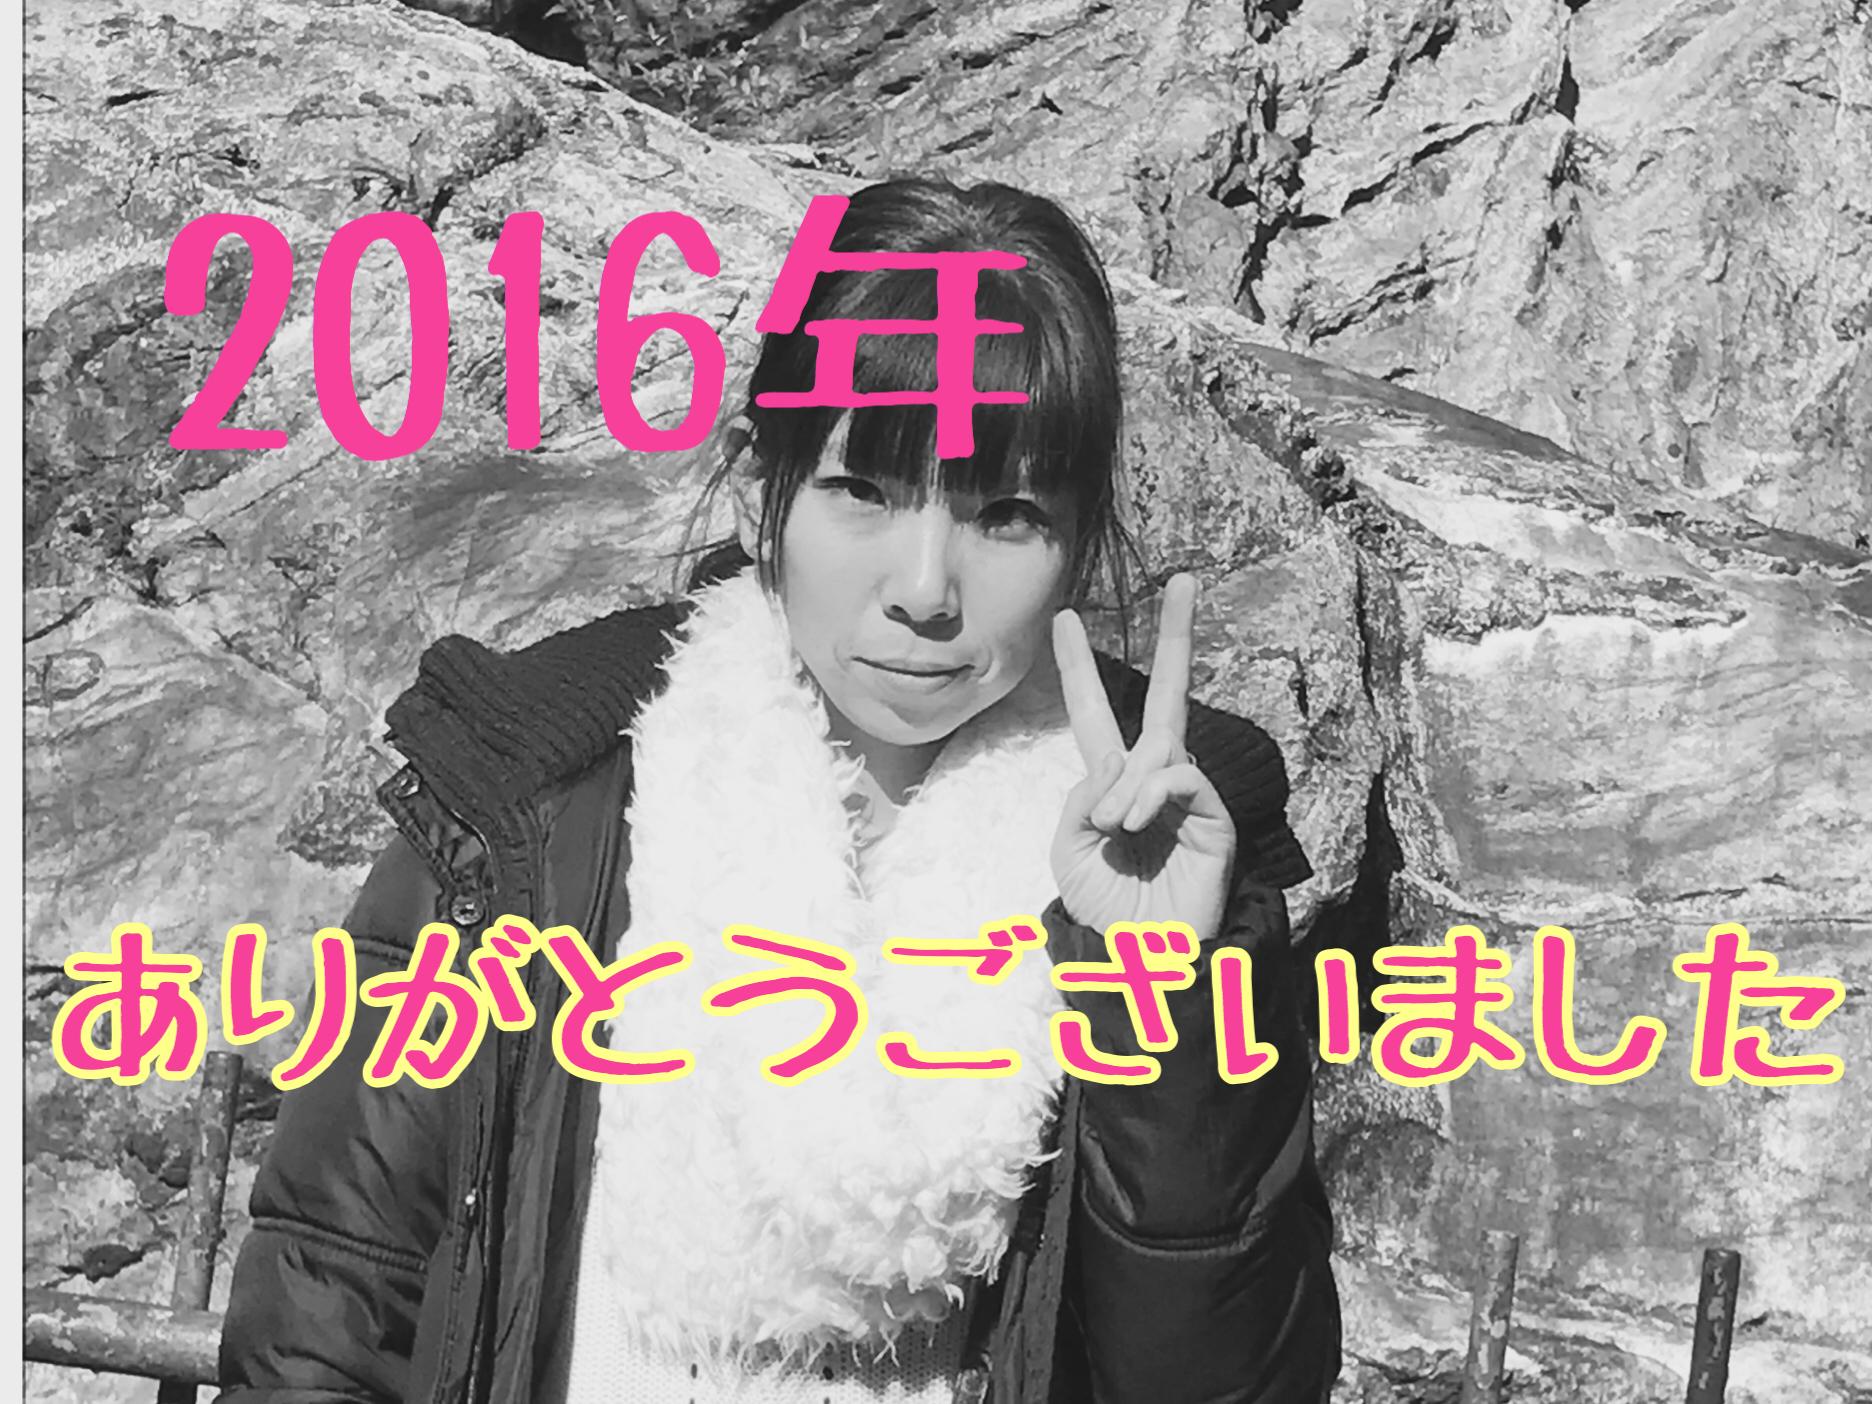 【中野編】1年ありがとうございました!2016年を振り返って・・・